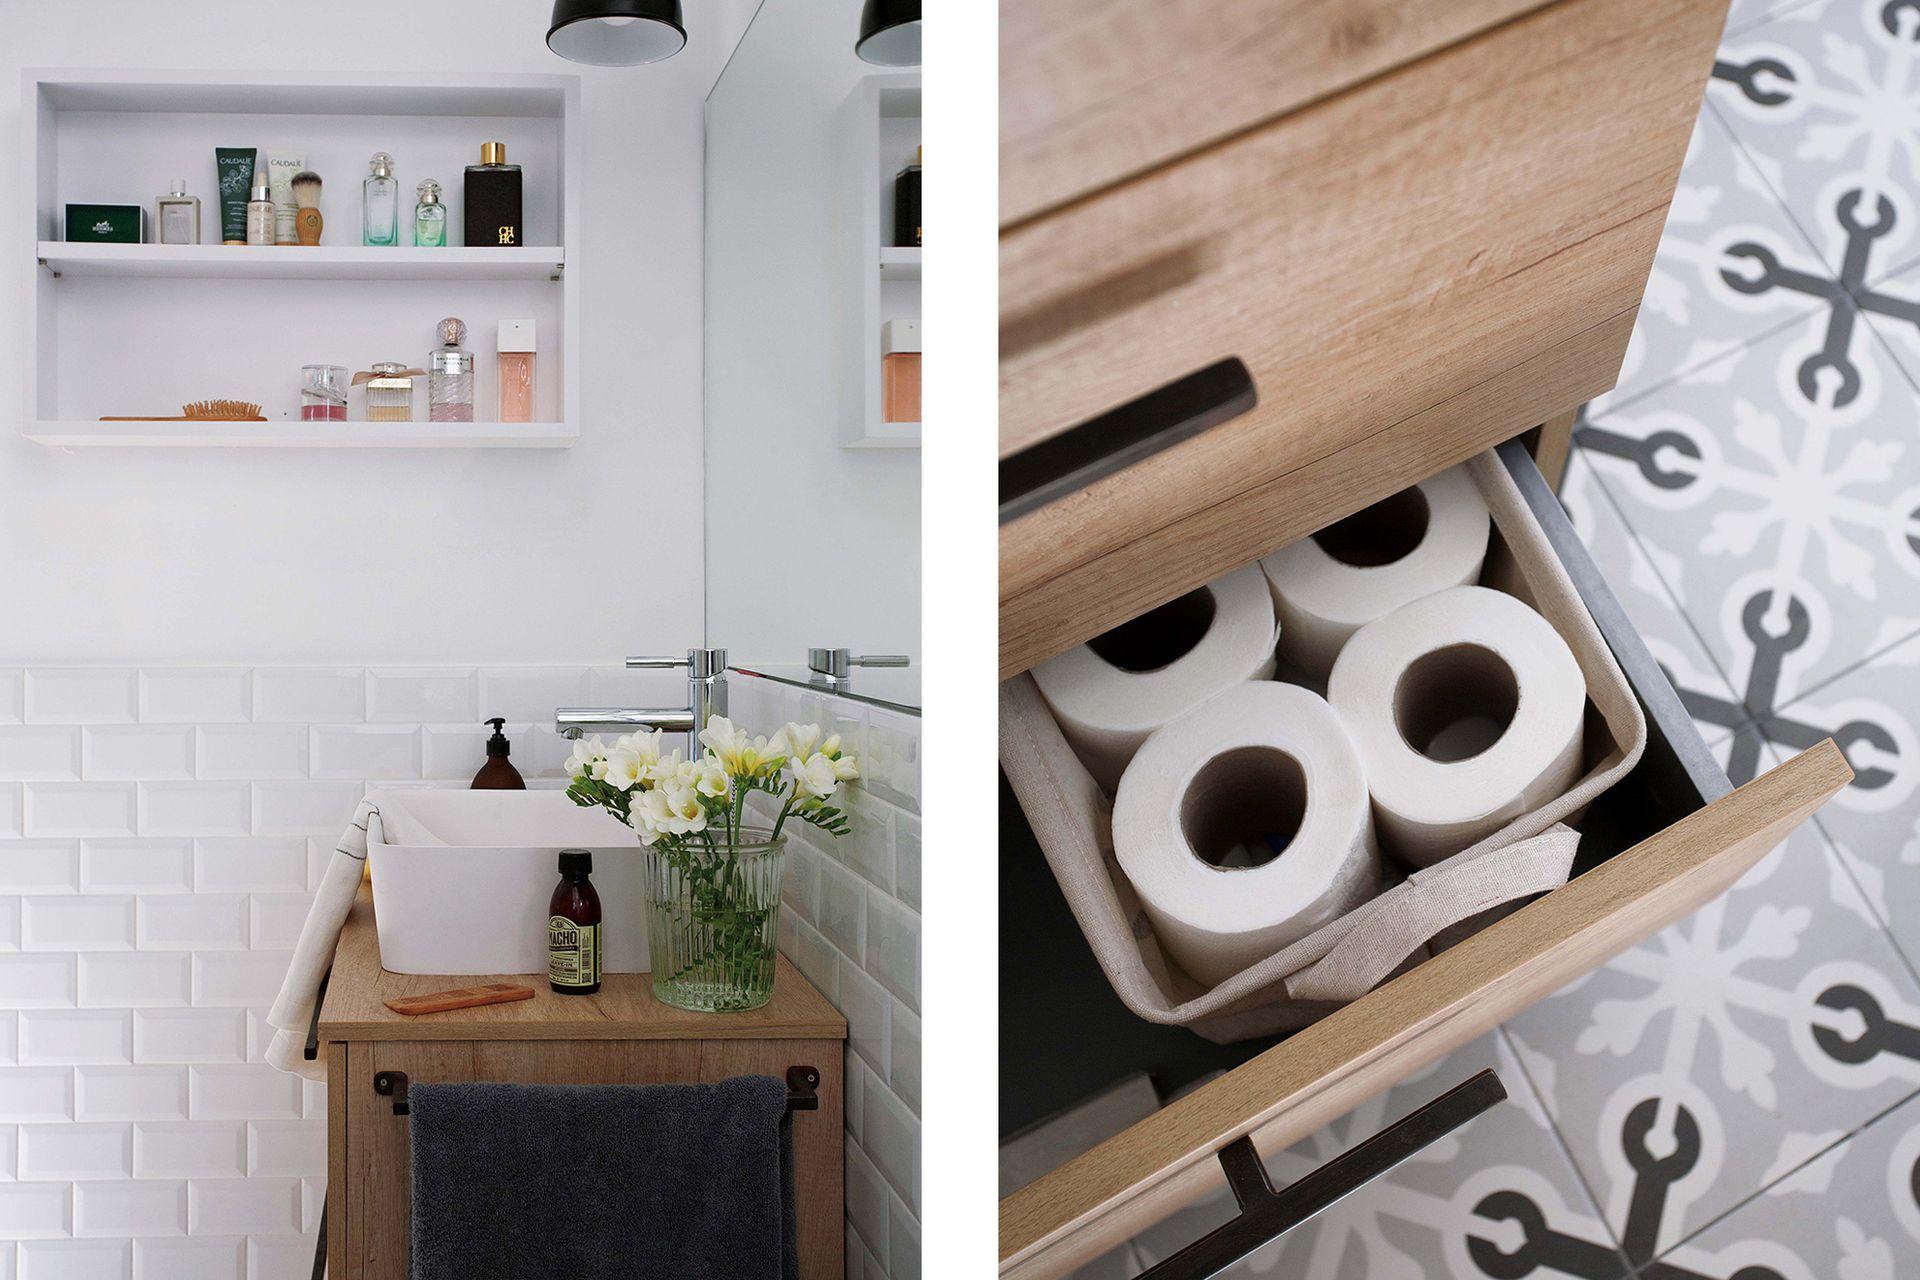 Azulejos biselados y mosaicos calcáreos (Vives) cambiaron radicalmente el baño. Se incorporó un mueble de madera con una bacha de apoyo y grifería 'Galindo by Presto'. Espejo sin marco y toalla de hilo (Materia).